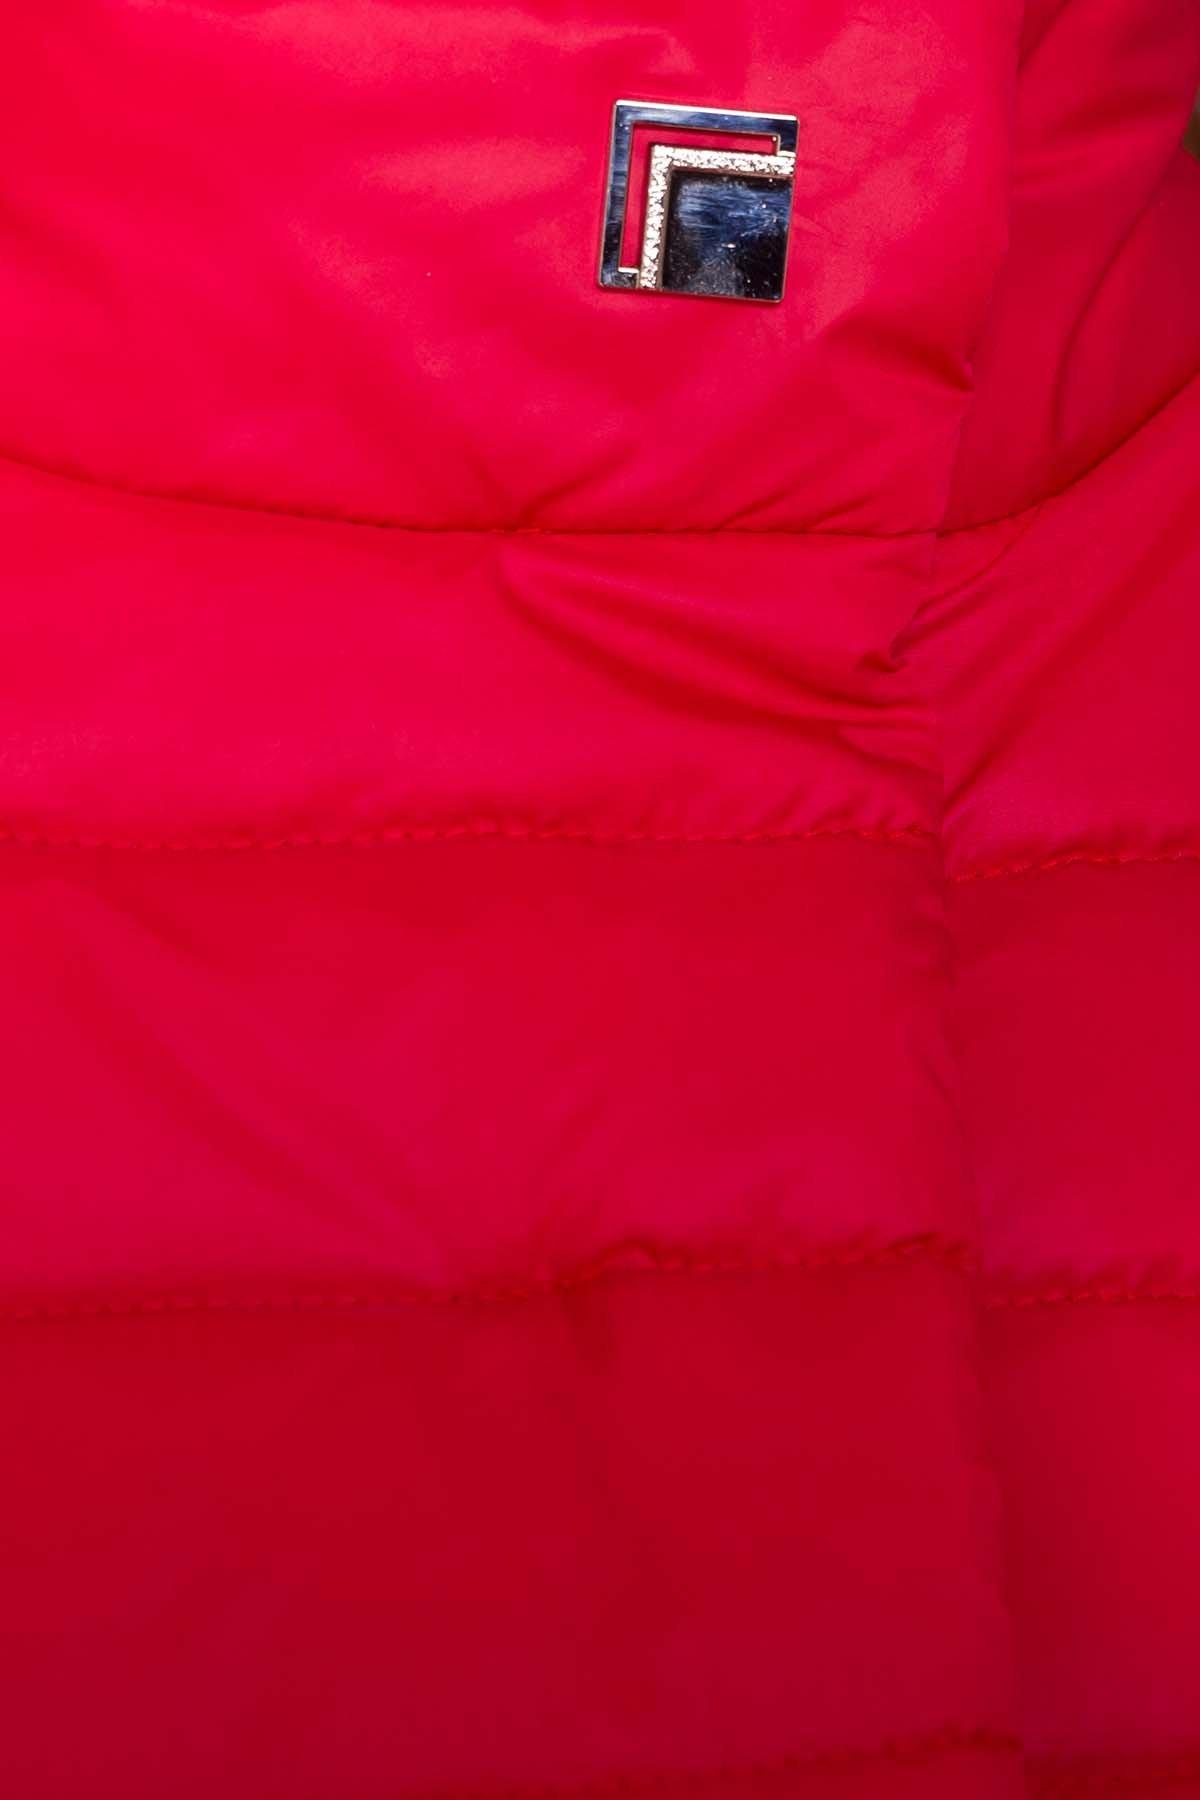 Куртка приталенная Лоррейн Лаке 6778 АРТ. 41904 Цвет: Красный - фото 5, интернет магазин tm-modus.ru